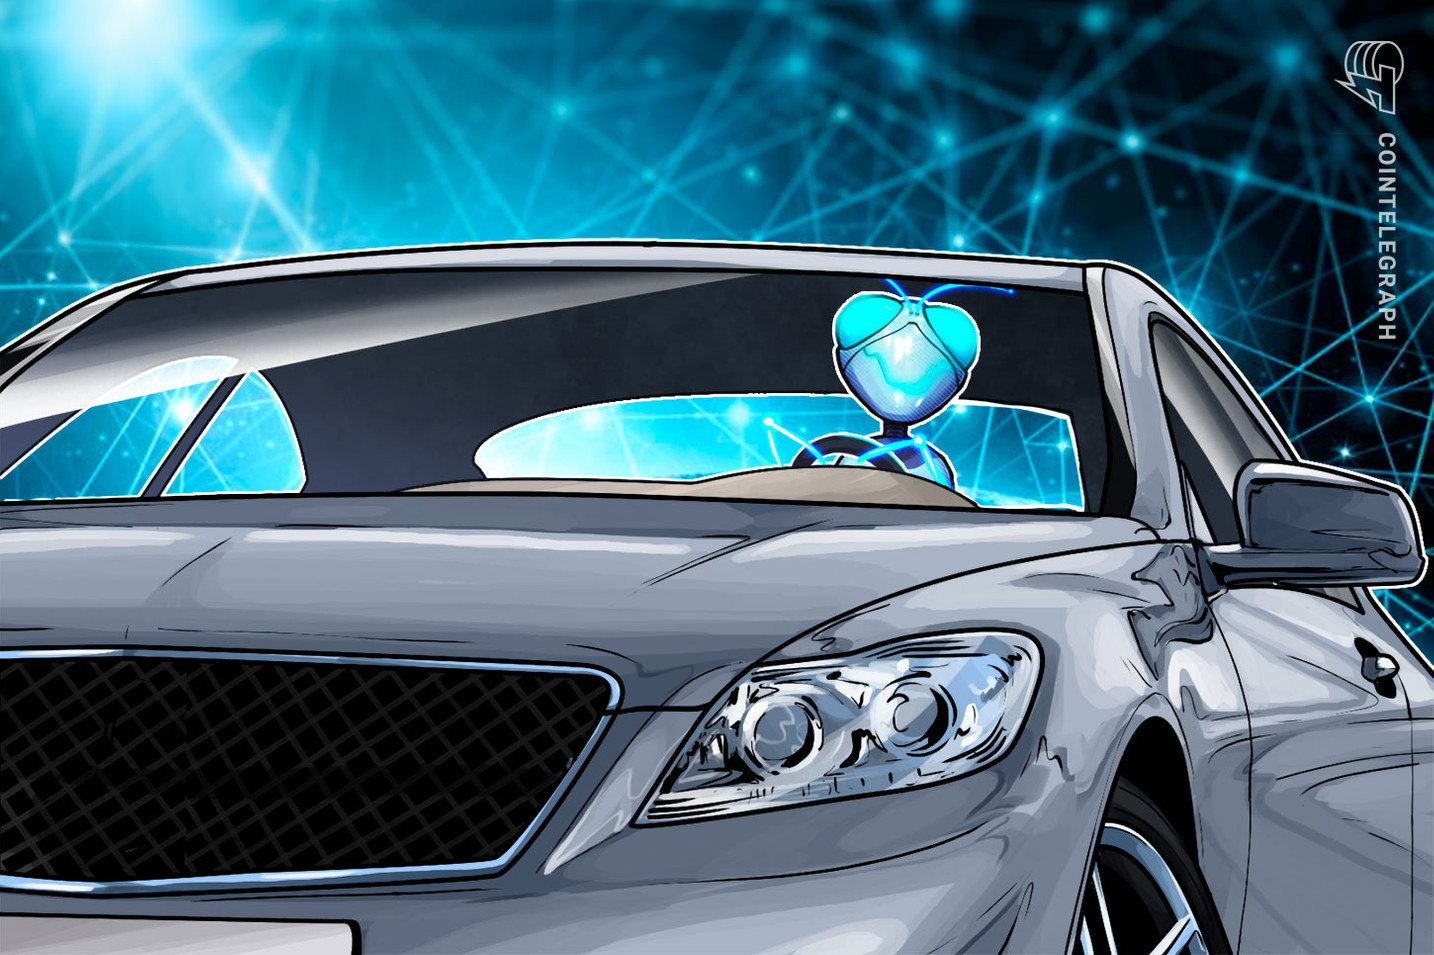 カナダの研究者、電気自動車充電システムにブロックチェーン技術活用を提案